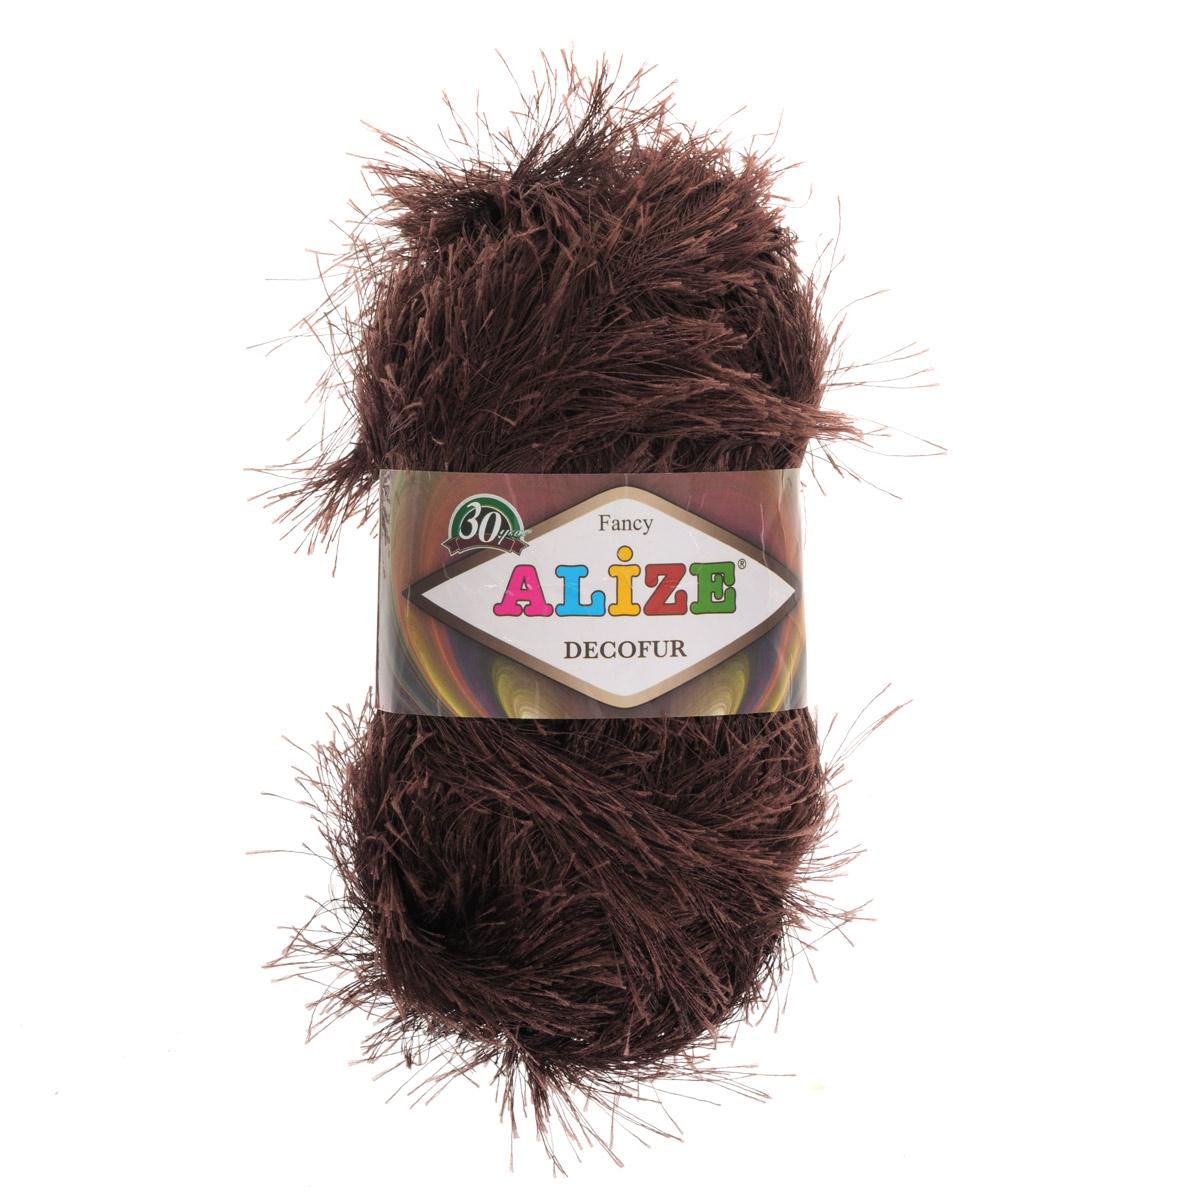 Пряжа для вязания Alize Decofur, цвет: коричневый (26), 110 м, 100 г, 5 шт364128_26Пряжа для вязания Alize Decofur изготовлена из полиэстера. Пряжа-травка предназначена для ручного вязания и идеально подходит для отделки. Готовый ворс получается равным 4 см. Рекомендованные спицы для вязания 6-8 мм. Рекомендованный крючок для вязания 3-4 мм. Комплектация: 5 мотков. Состав: 100% полиэстер.